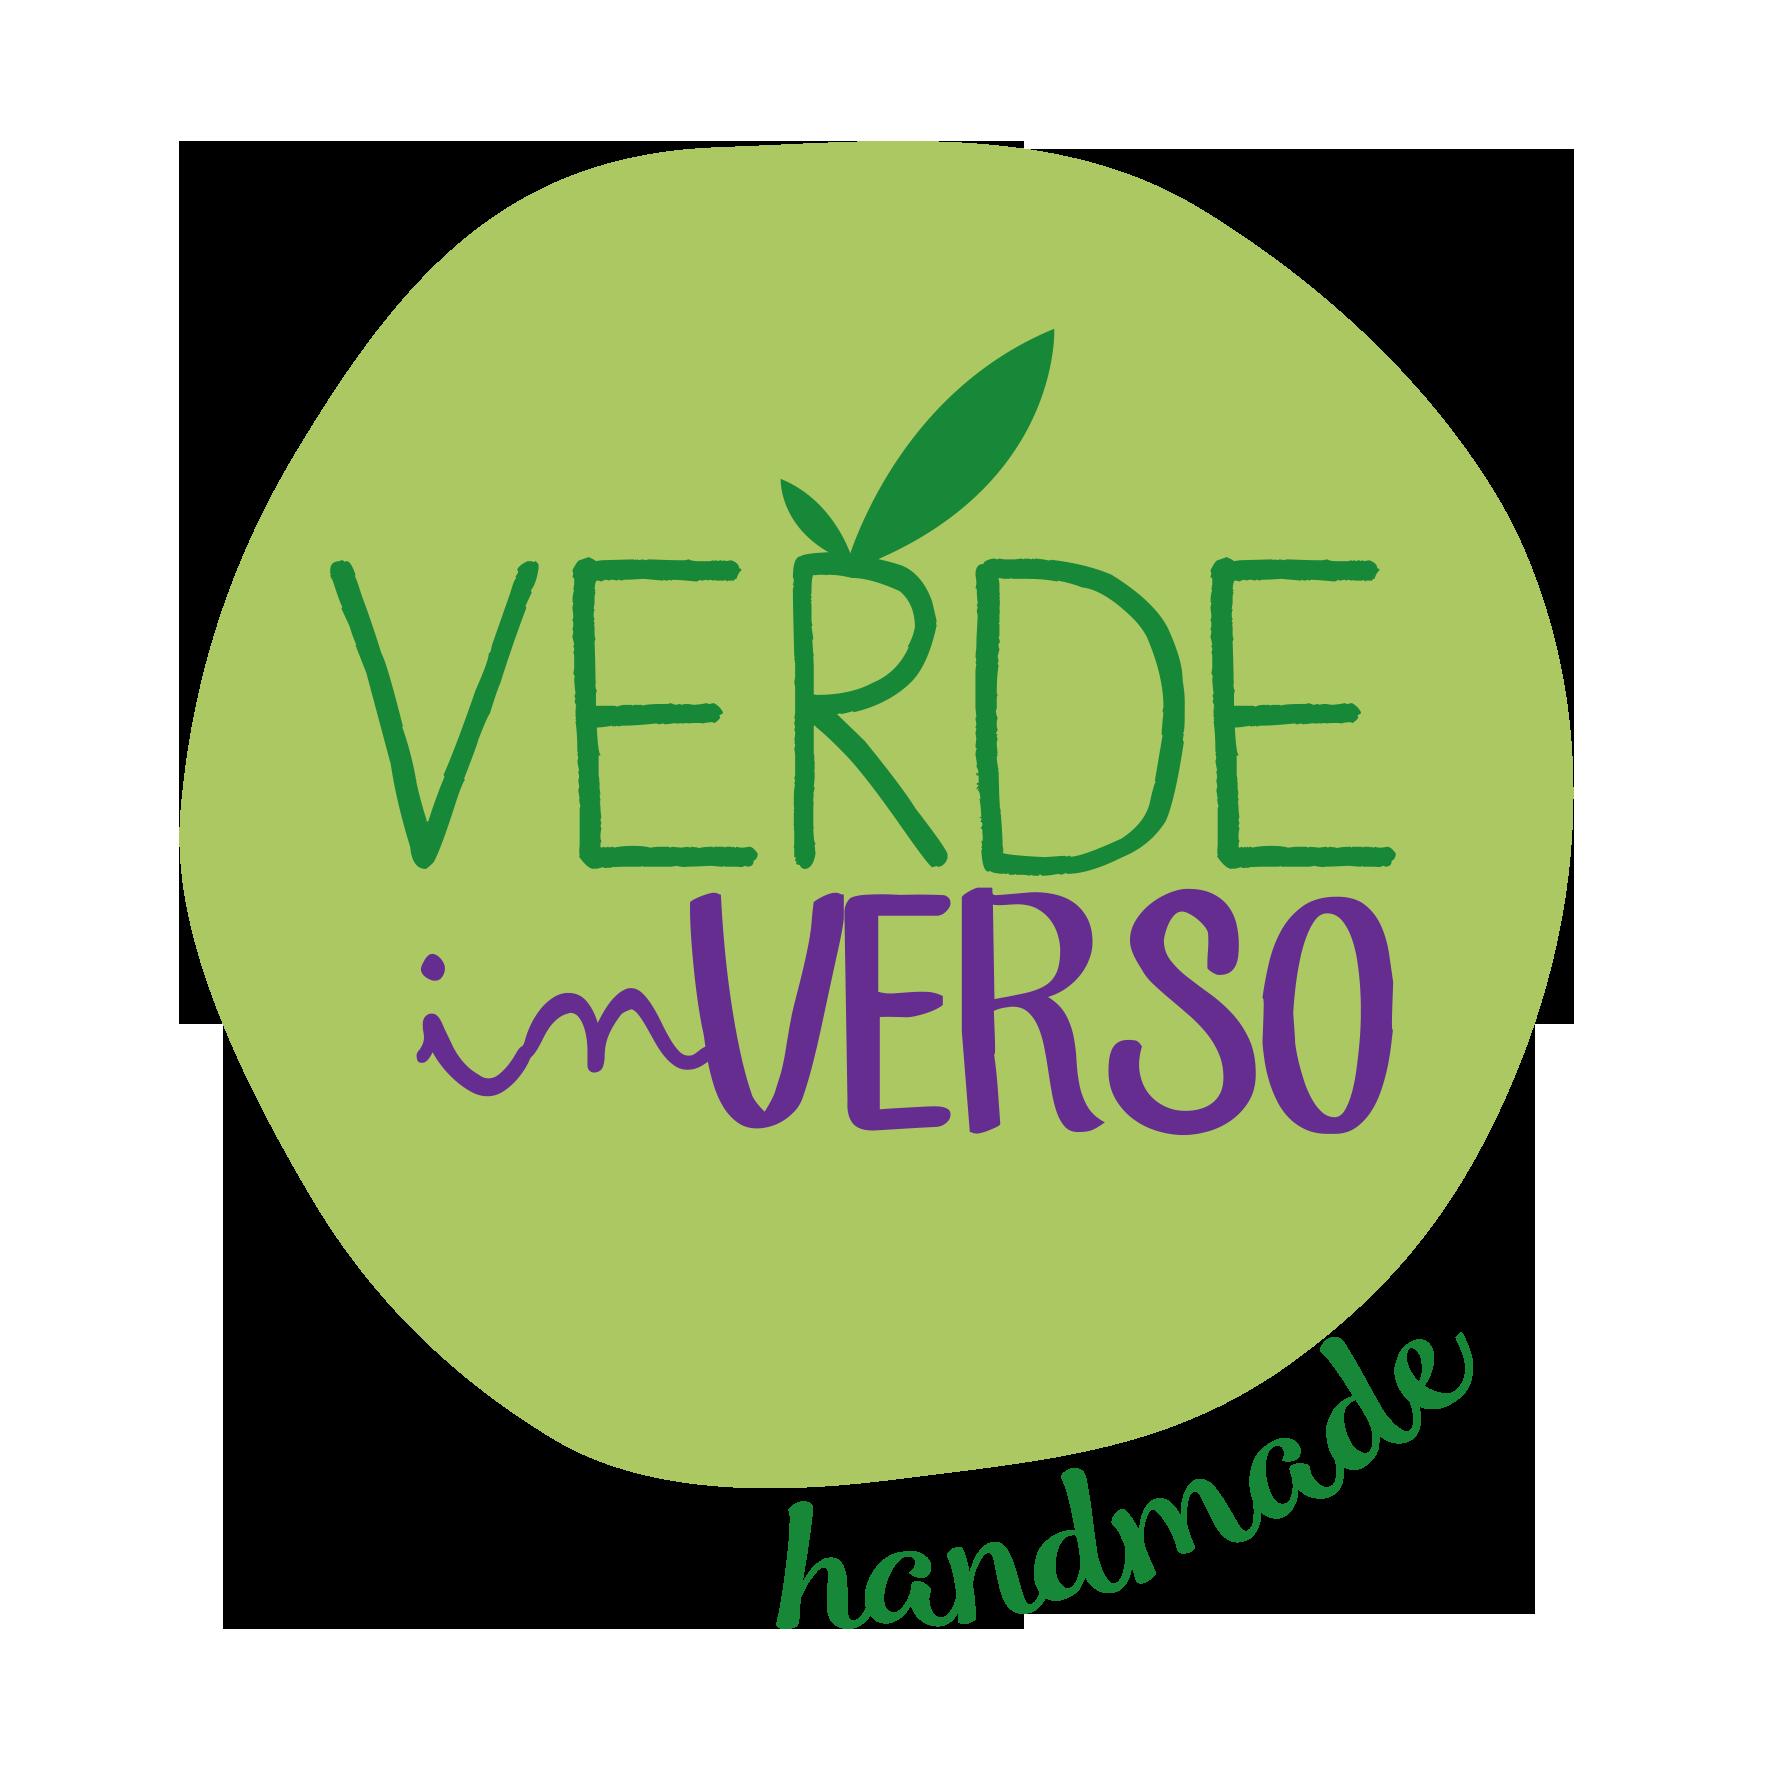 http://www.verdeinverso.com/